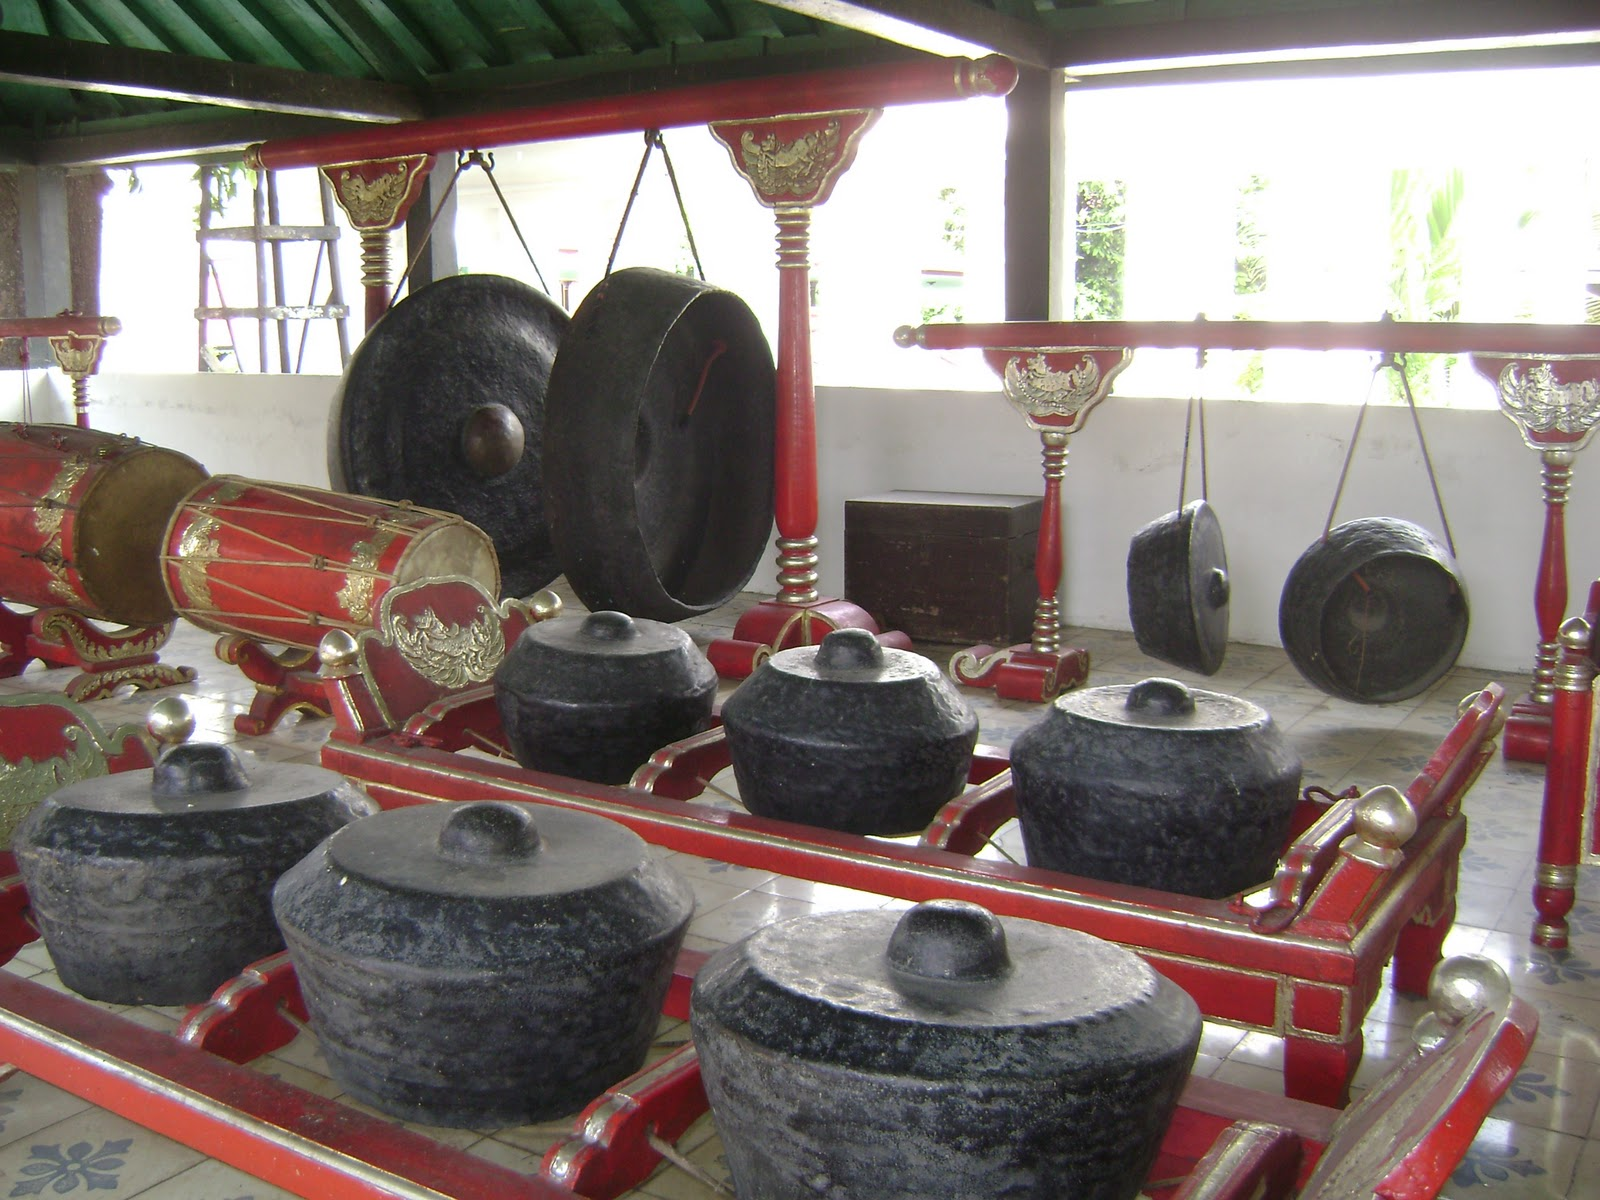 http://ejawantahnews.blogspot.com/2014/04/eksotisme-dari-sebuah-gamelan.html